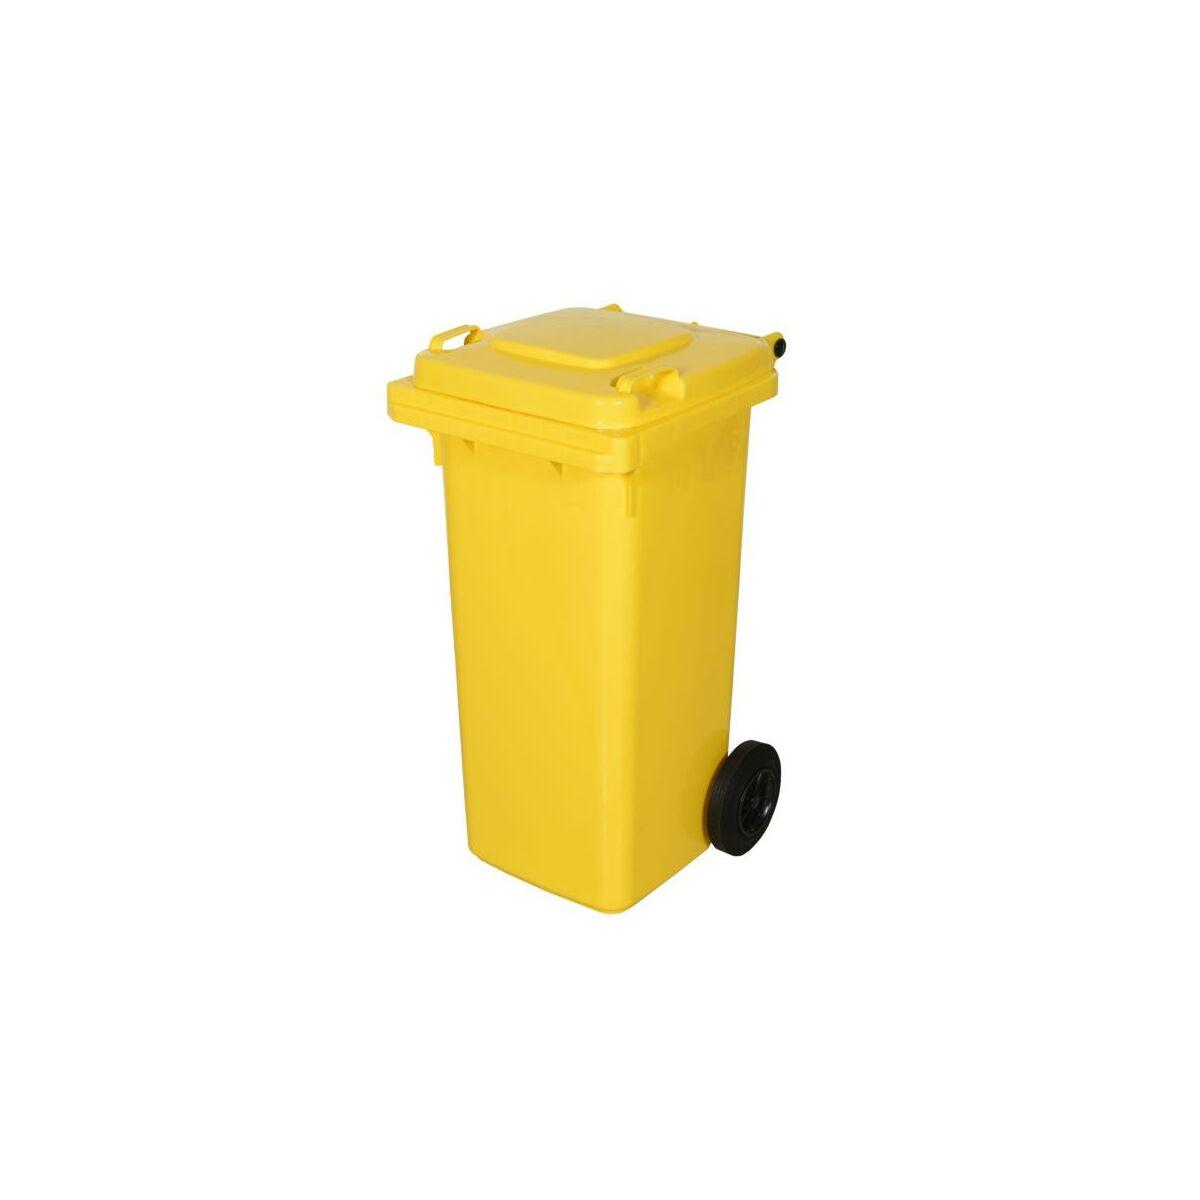 Kosz Na Smieci 120 L Zolty Na Odpady Plastikowe I Metalowe Kosze Na Smieci Pojemniki Na Odpady W Atrakcyjnej Cenie W Sklepach Leroy Merlin